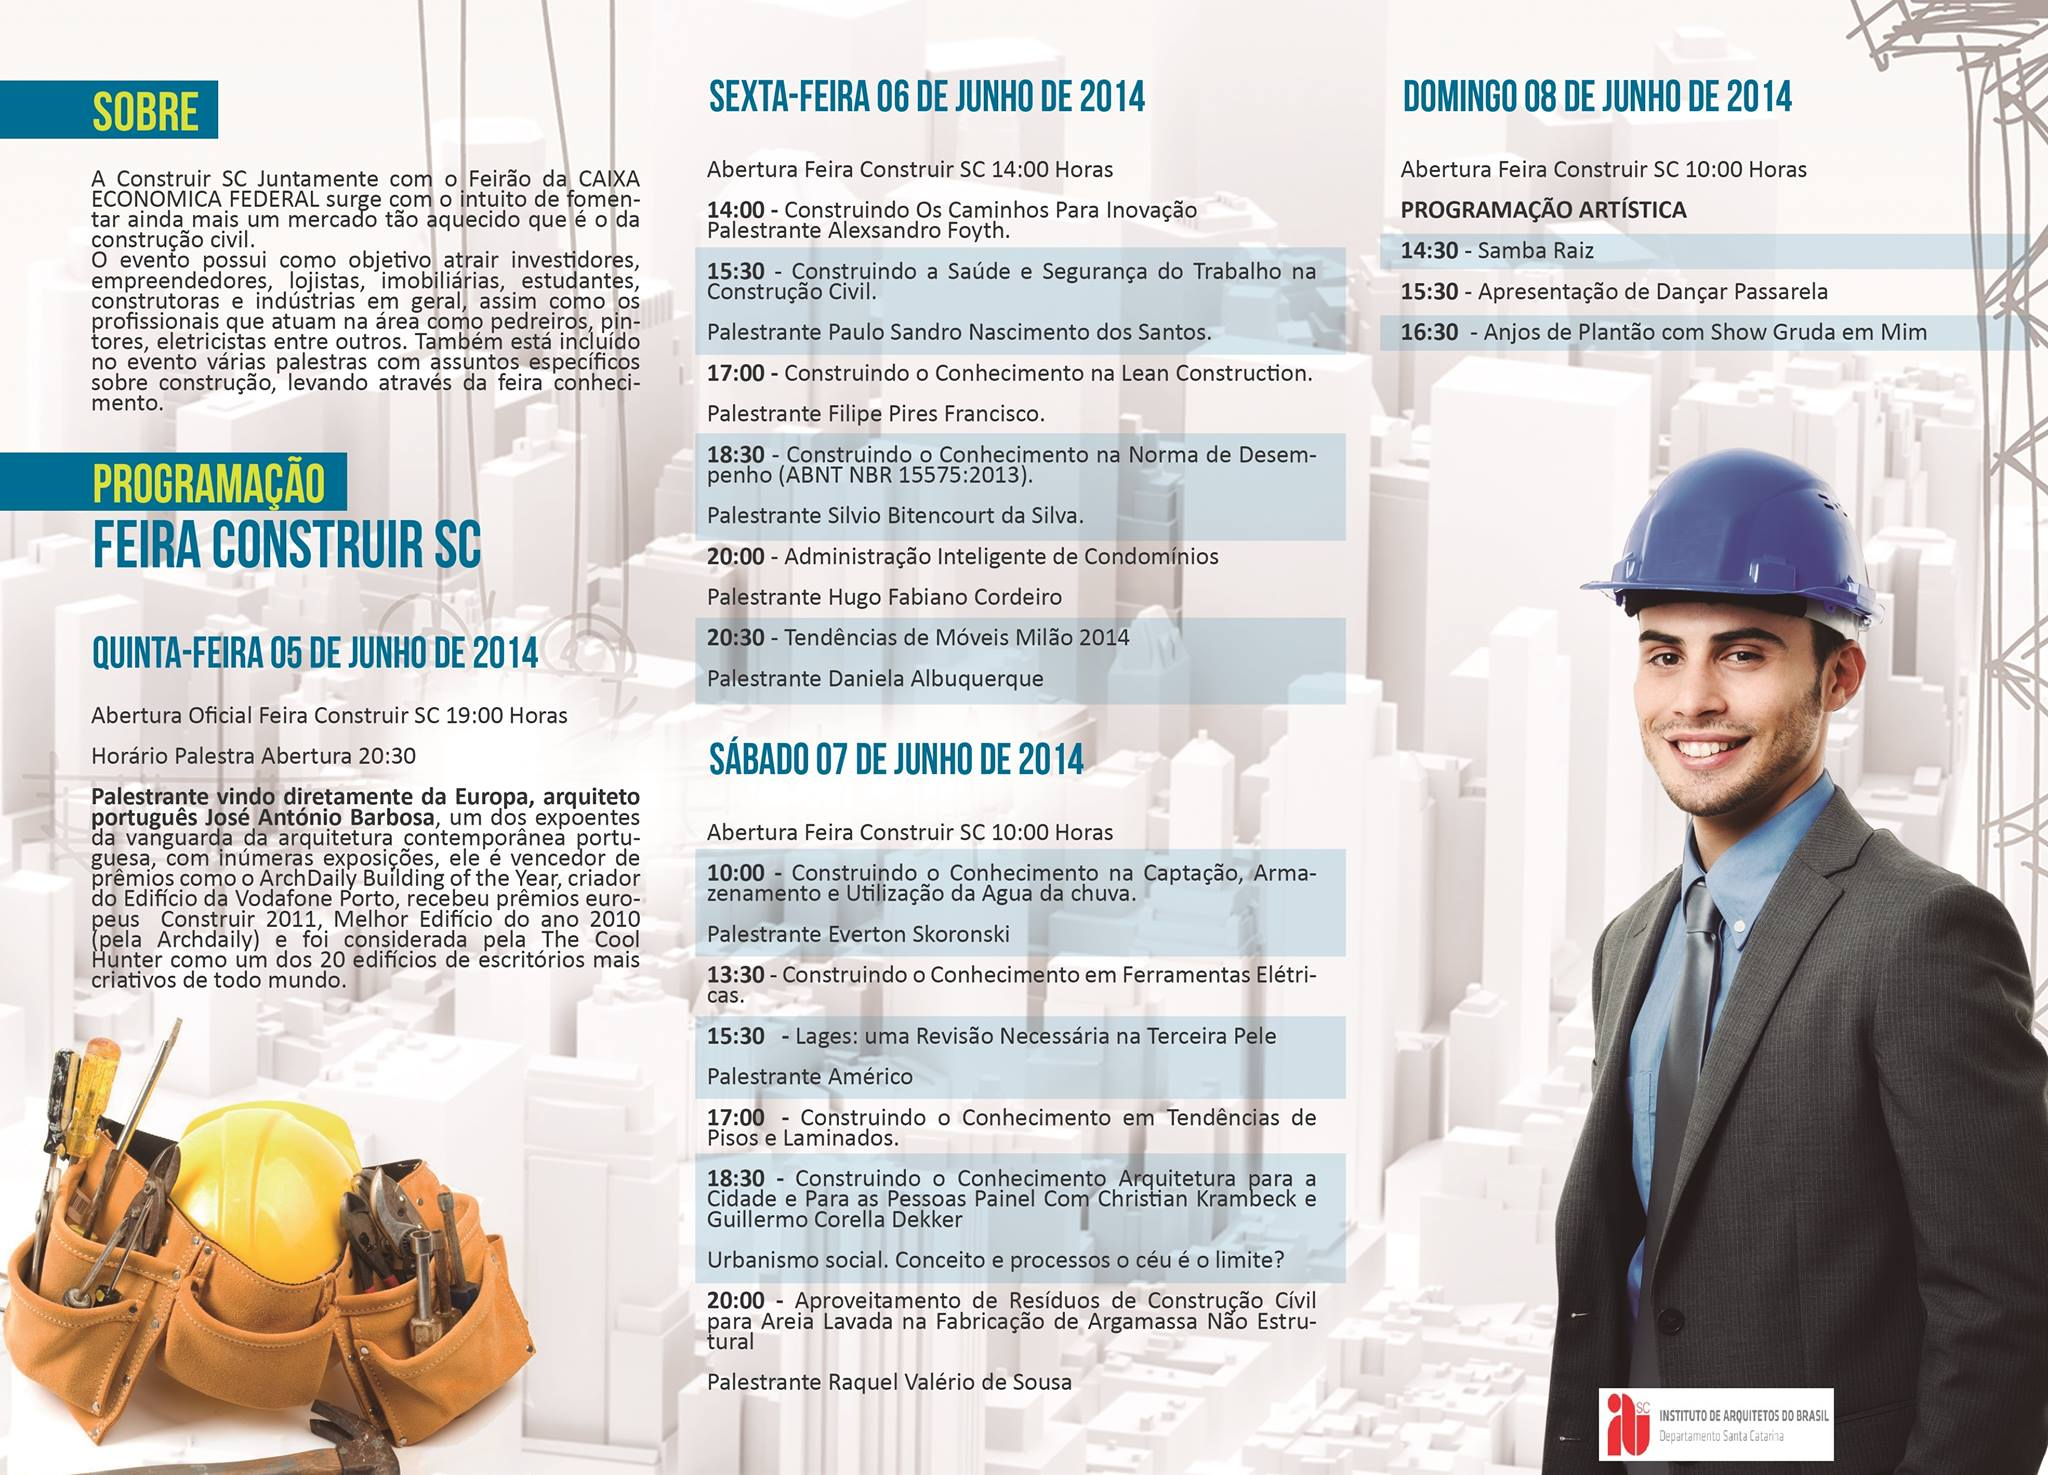 Feira Construir_Lages_IAB